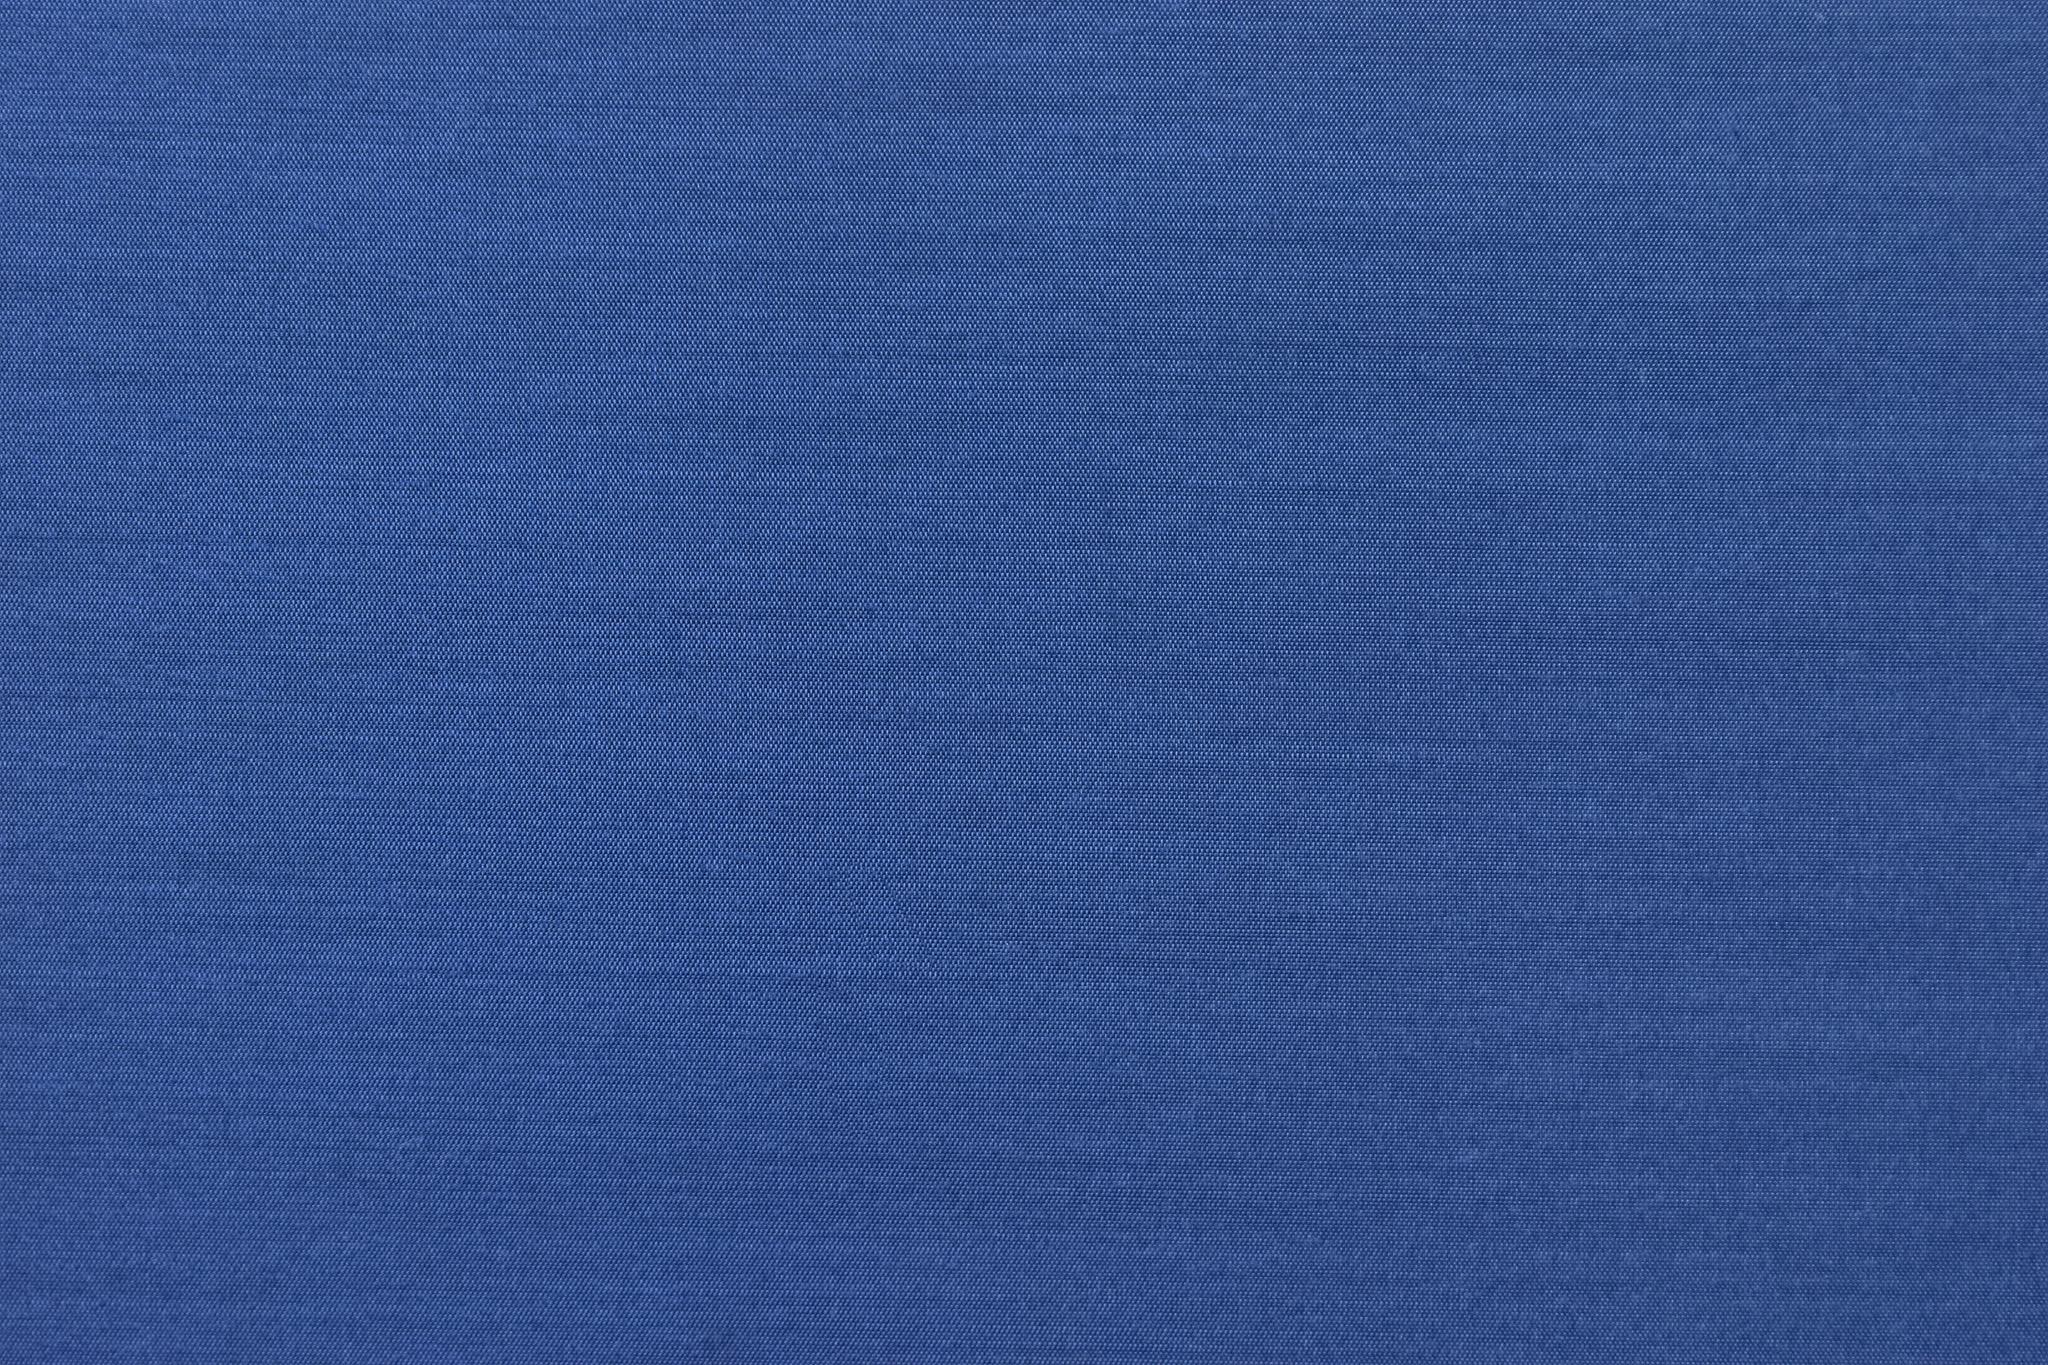 「落ち着いた青色の生地の細かい質感」